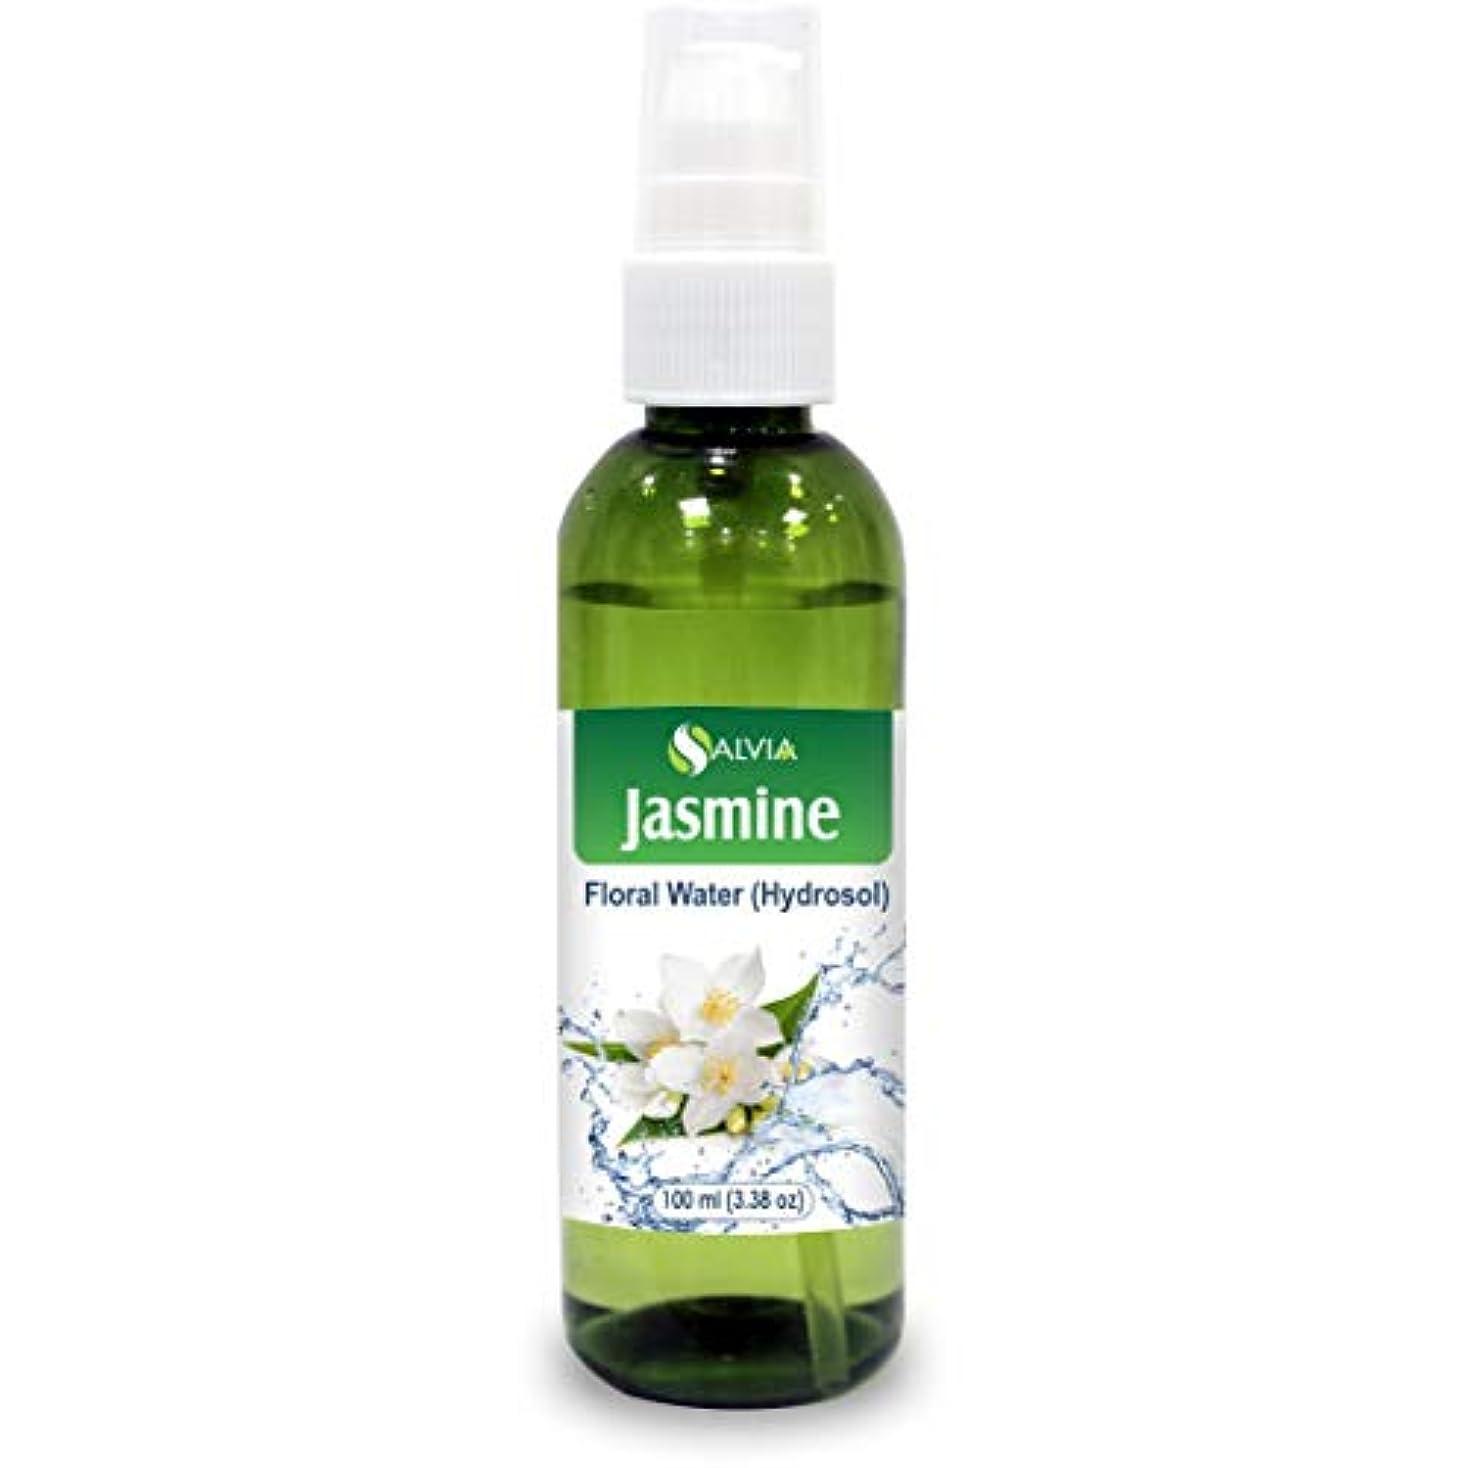 帆ガロンナチュラルJasmine Floral Water 100ml (Hydrosol) 100% Pure And Natural